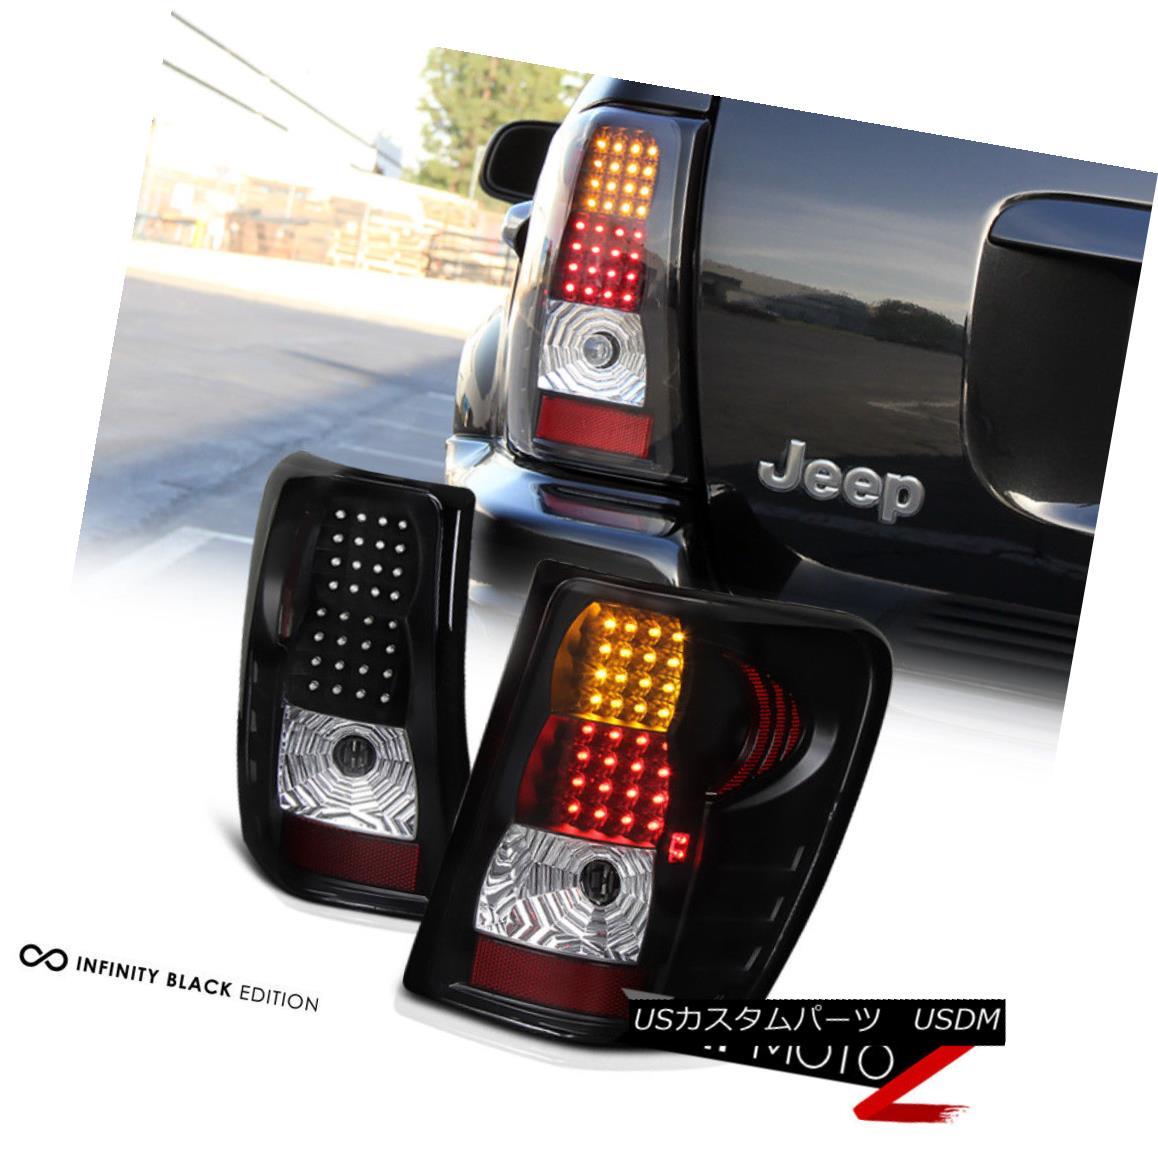 テールライト 99-04 Jeep Grand Cherokee Black LED Tail Lamps Turn Signal+Brake Lights Assembly 99-04ジープグランドチェロキー黒LEDテールランプ信号+ブレーキライトアセンブリ